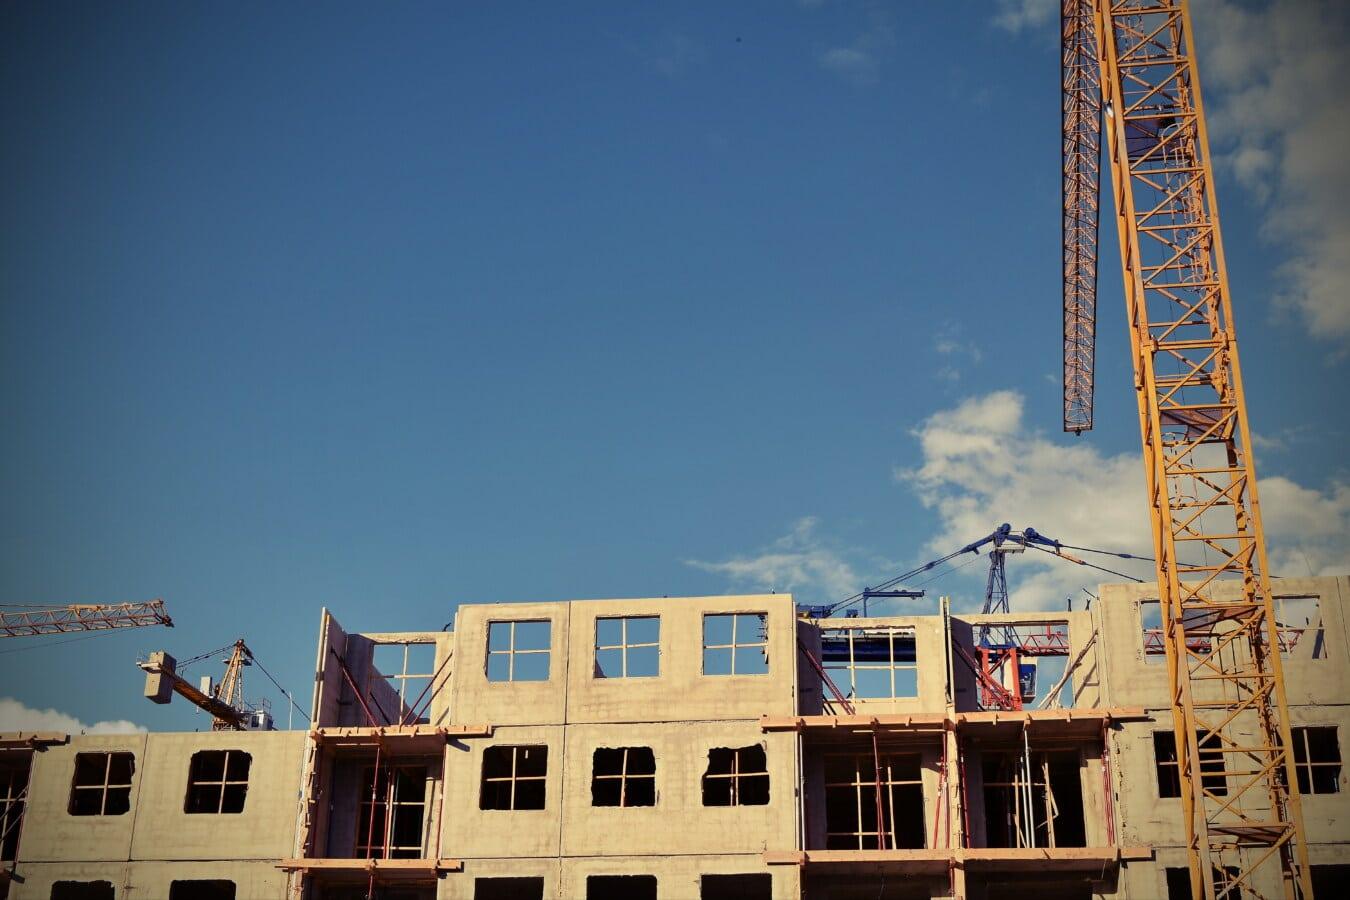 Gebäude, Branche, Entwicklung, Ingenieurwesen, Beton, Bau, Architektur, Gerät, Kran, Stahl